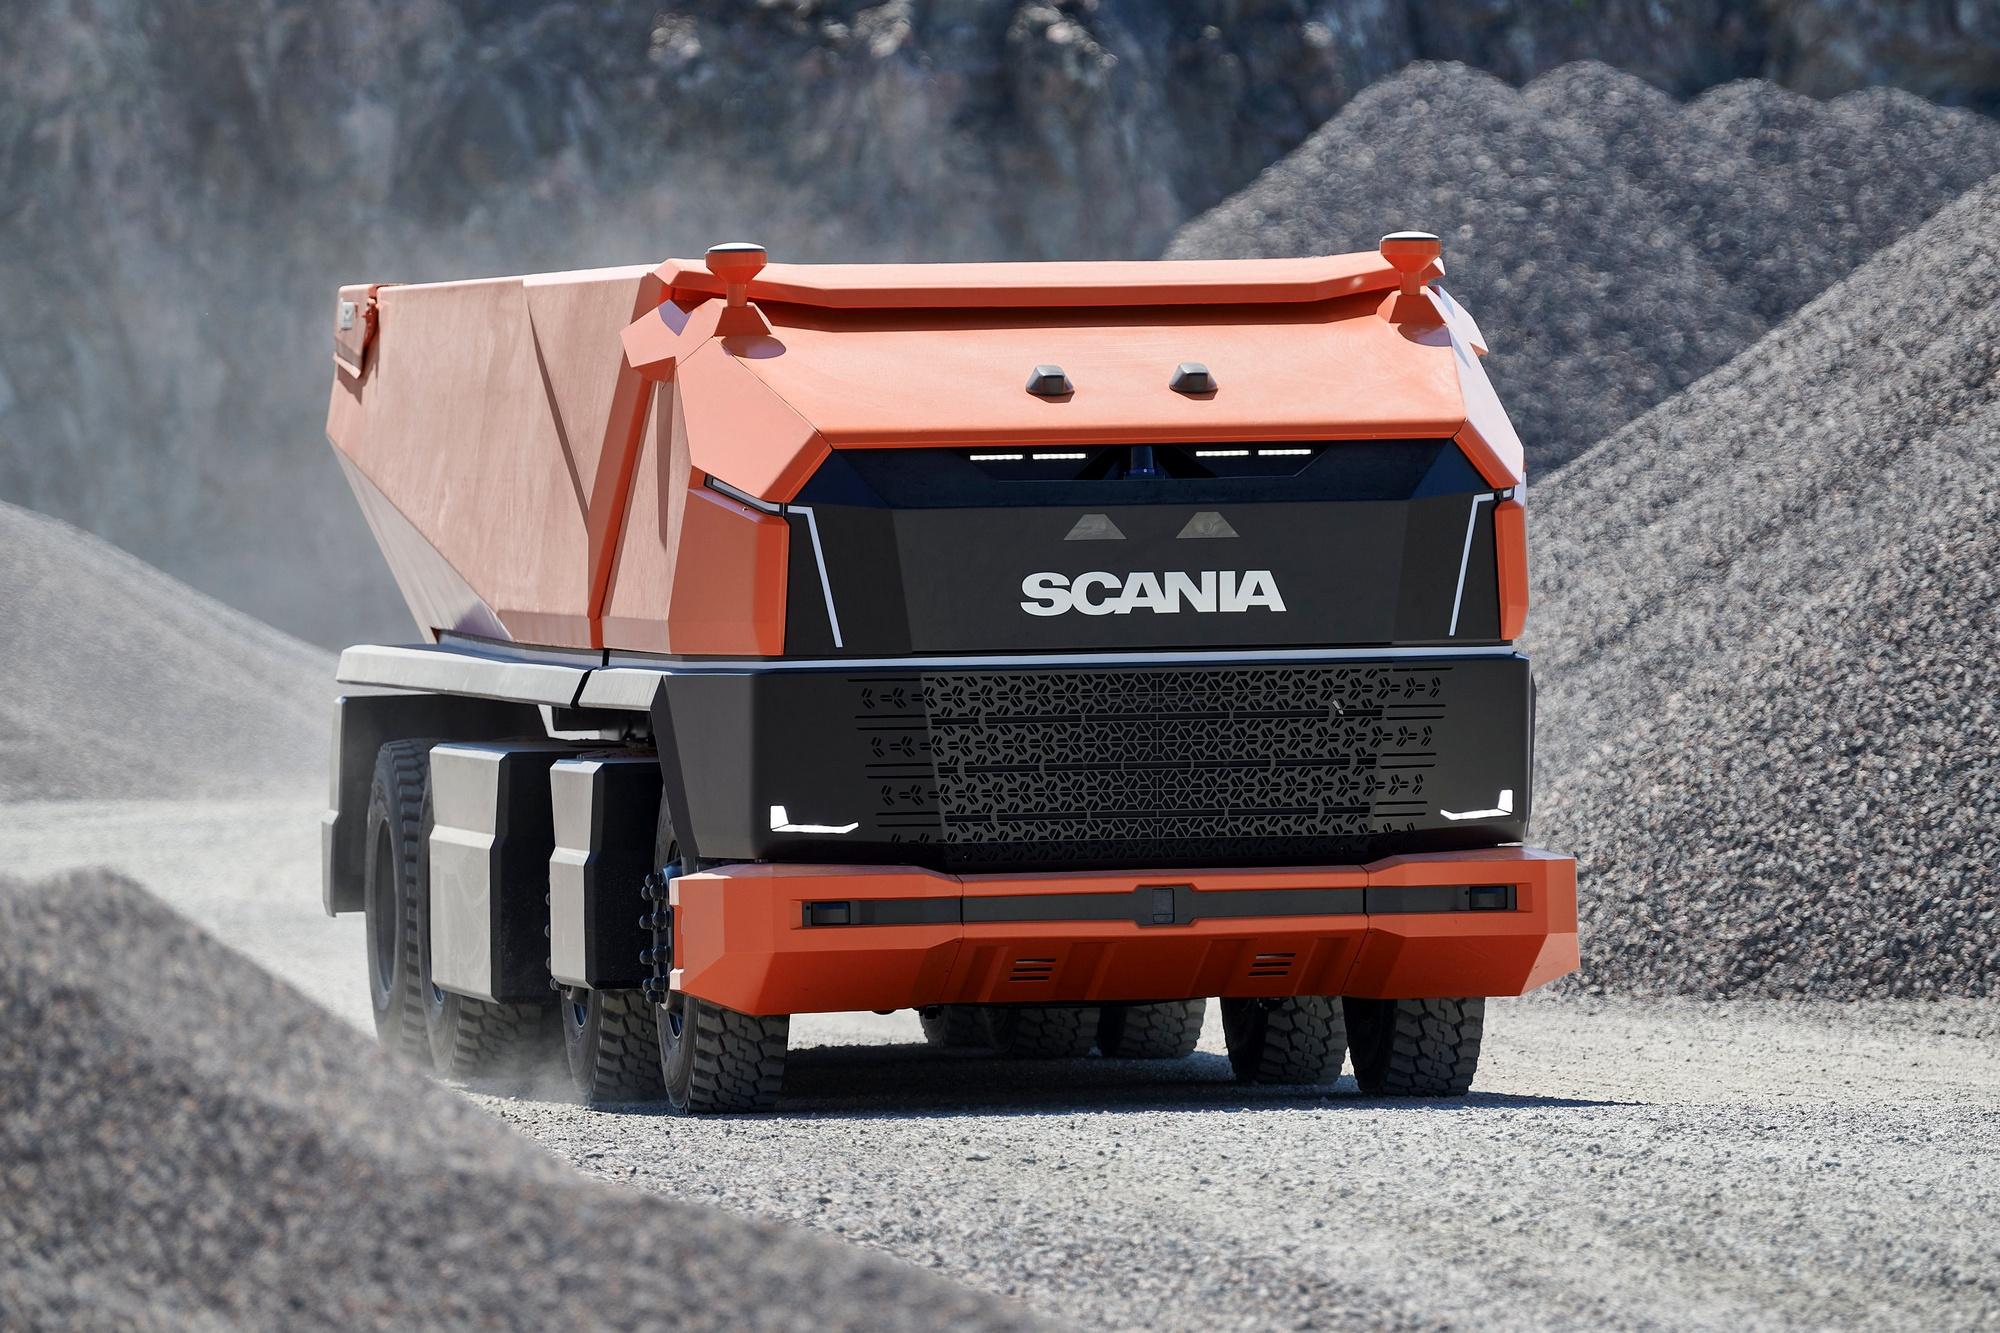 Шведы представили концепт автономного грузовика Scania AXL без кабины для работы на крупных закрытых площадках